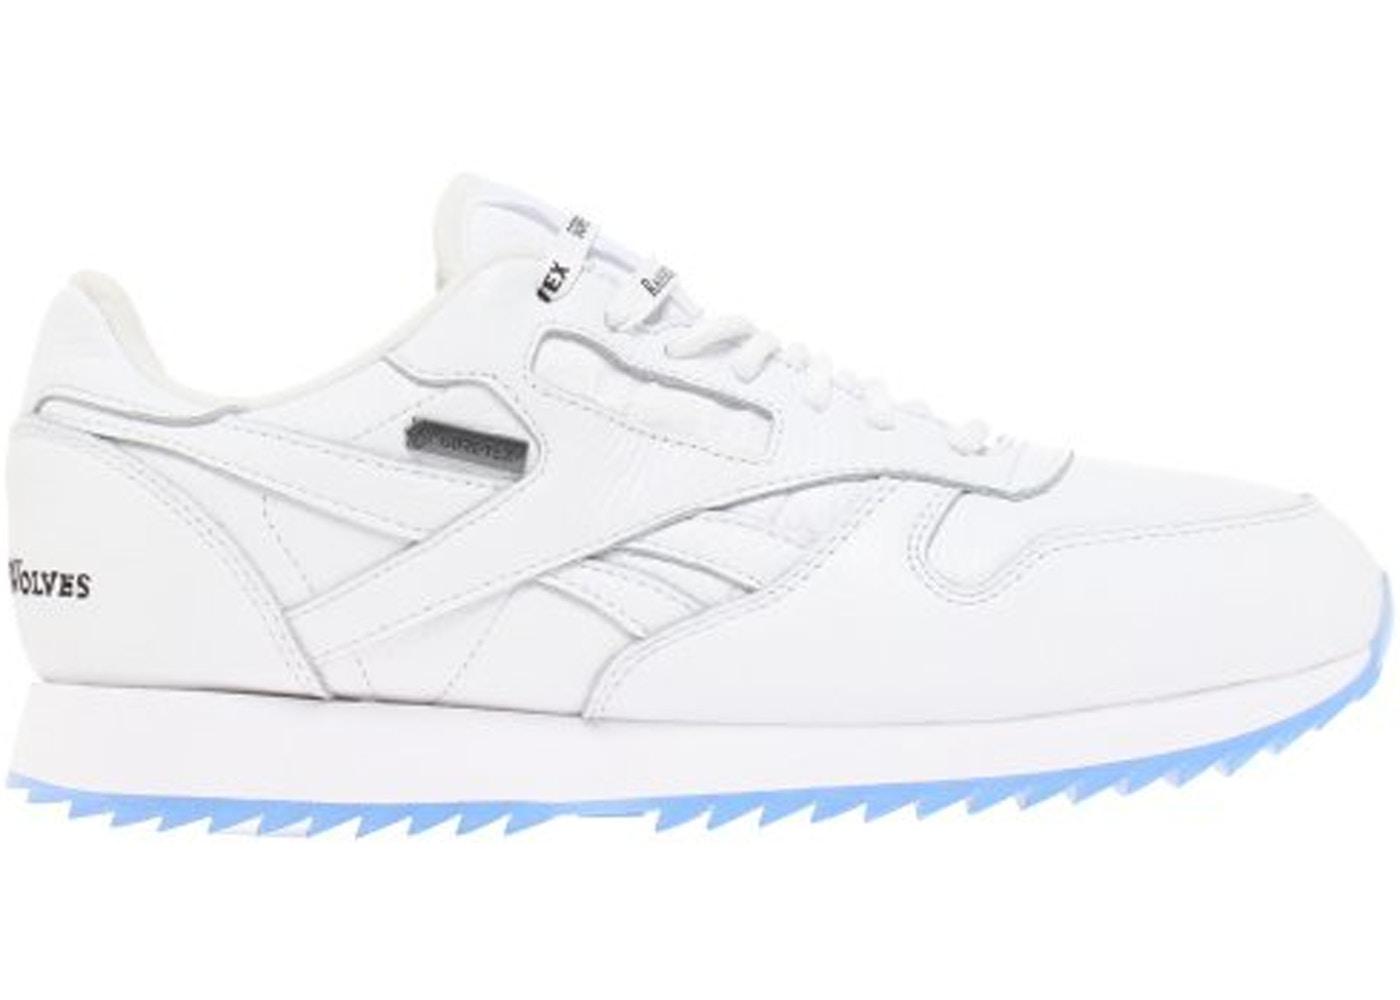 c79637fea545e Reebok Size 17 Shoes - Release Date